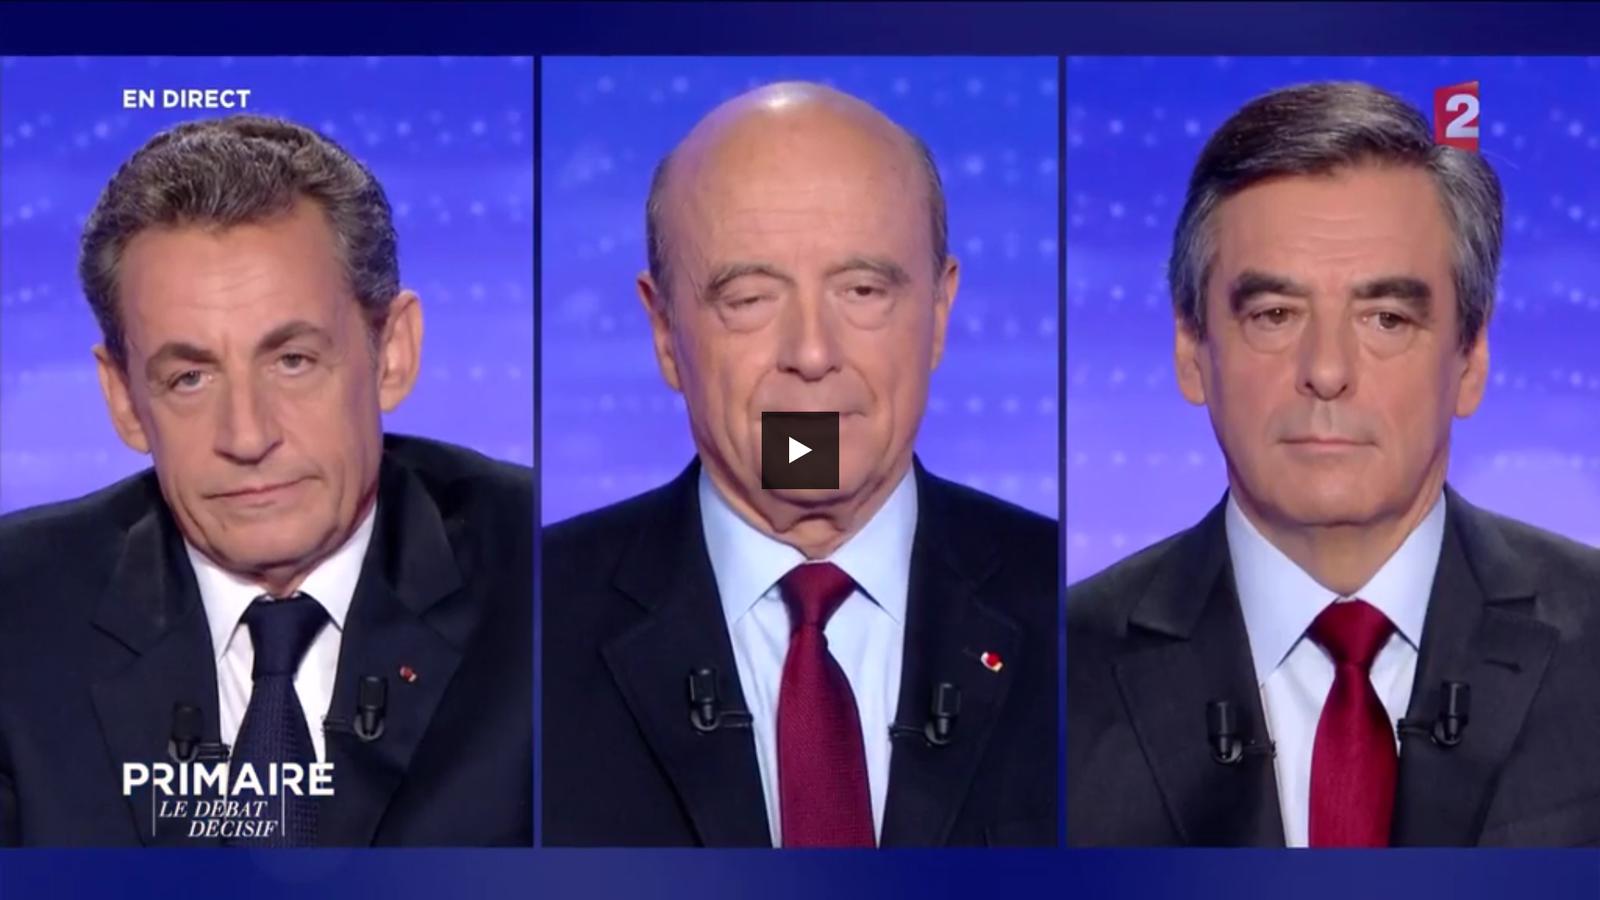 Primaires de la droite et du centre : des candidats à regarder au fond des yeux